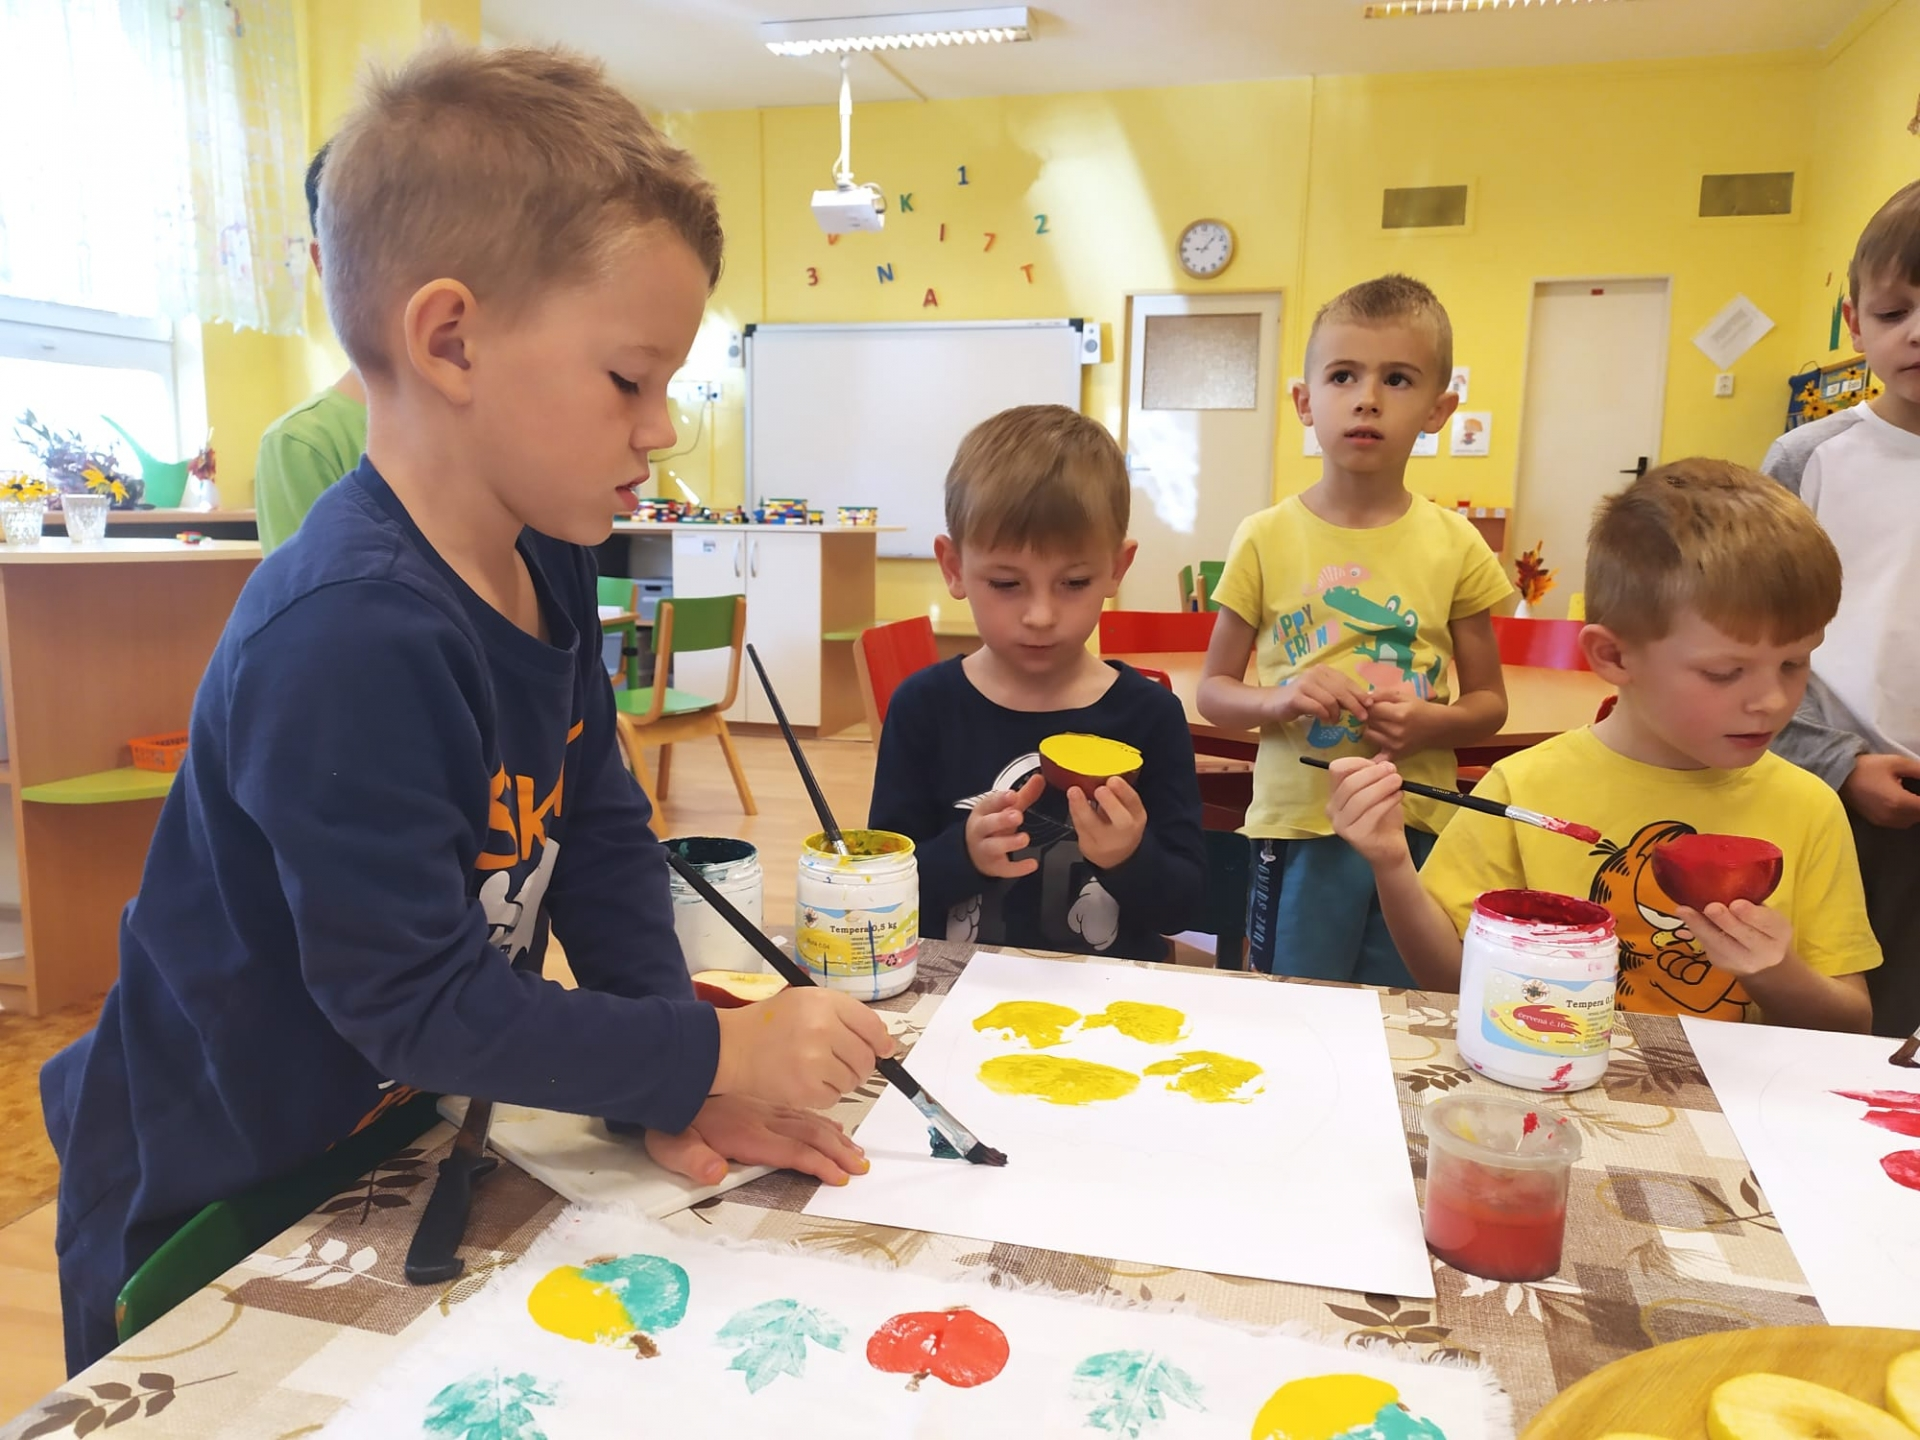 Děti pracují s barvou.